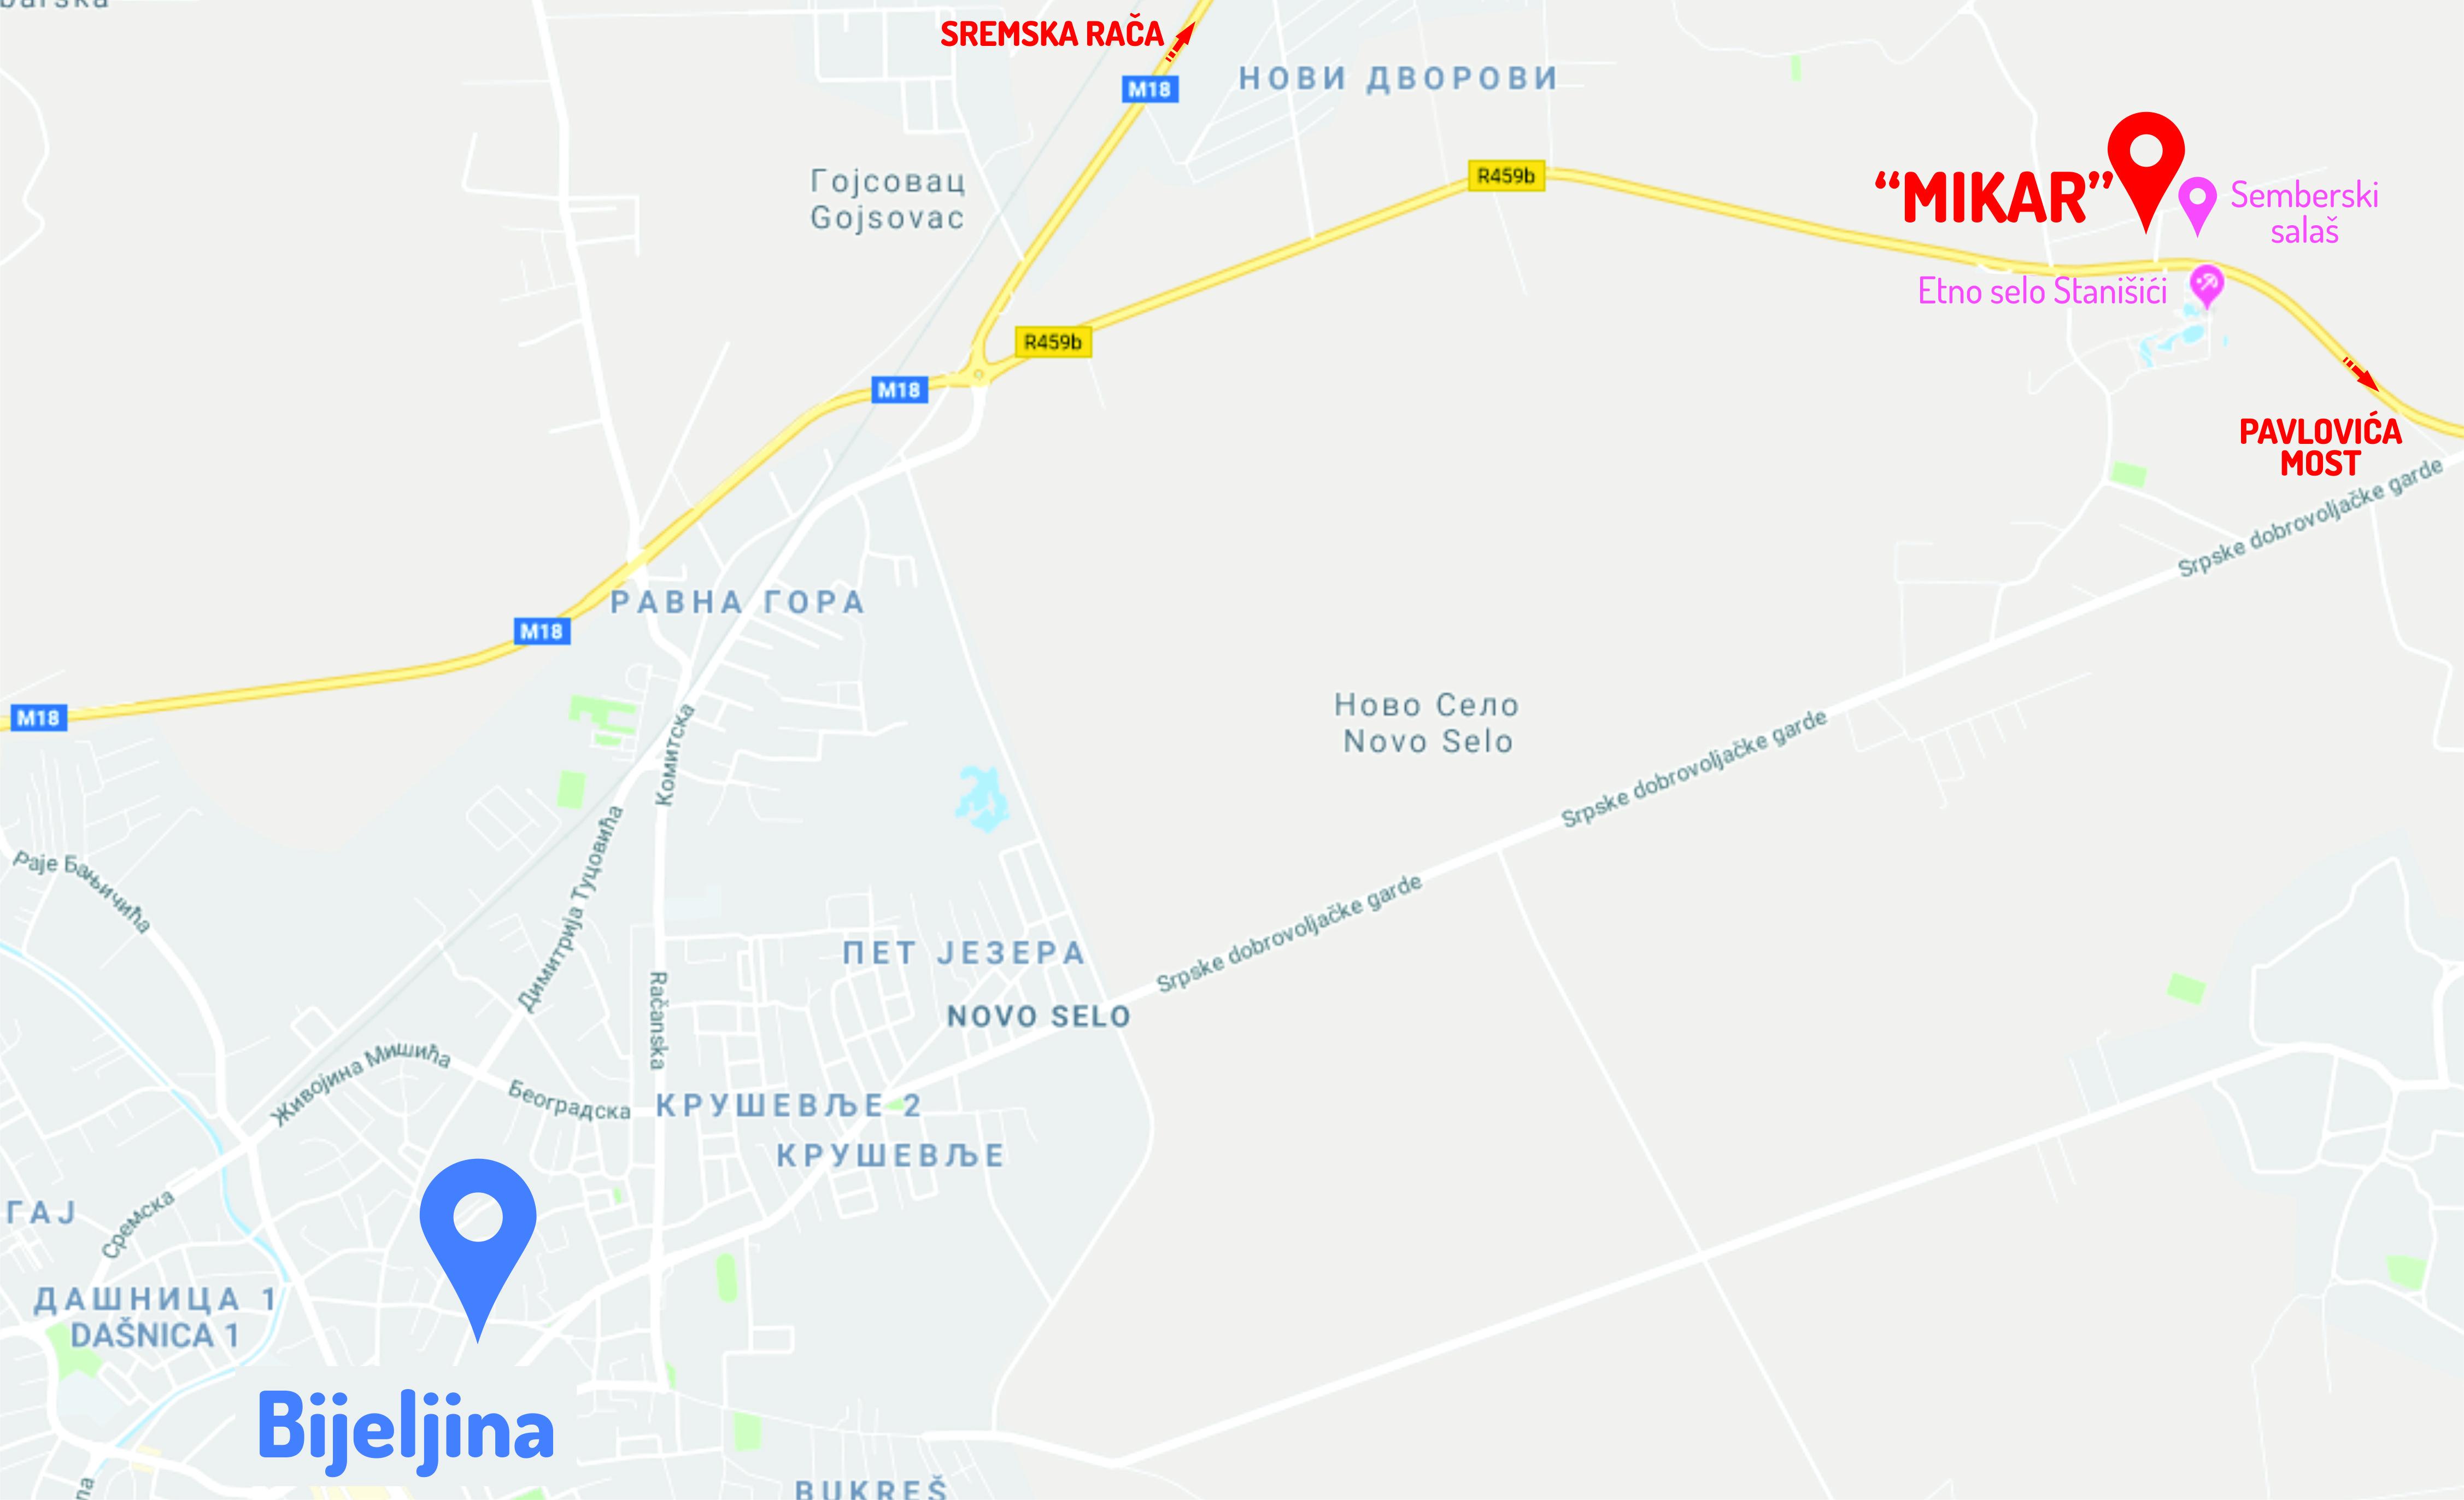 Mikar Ltd Contact